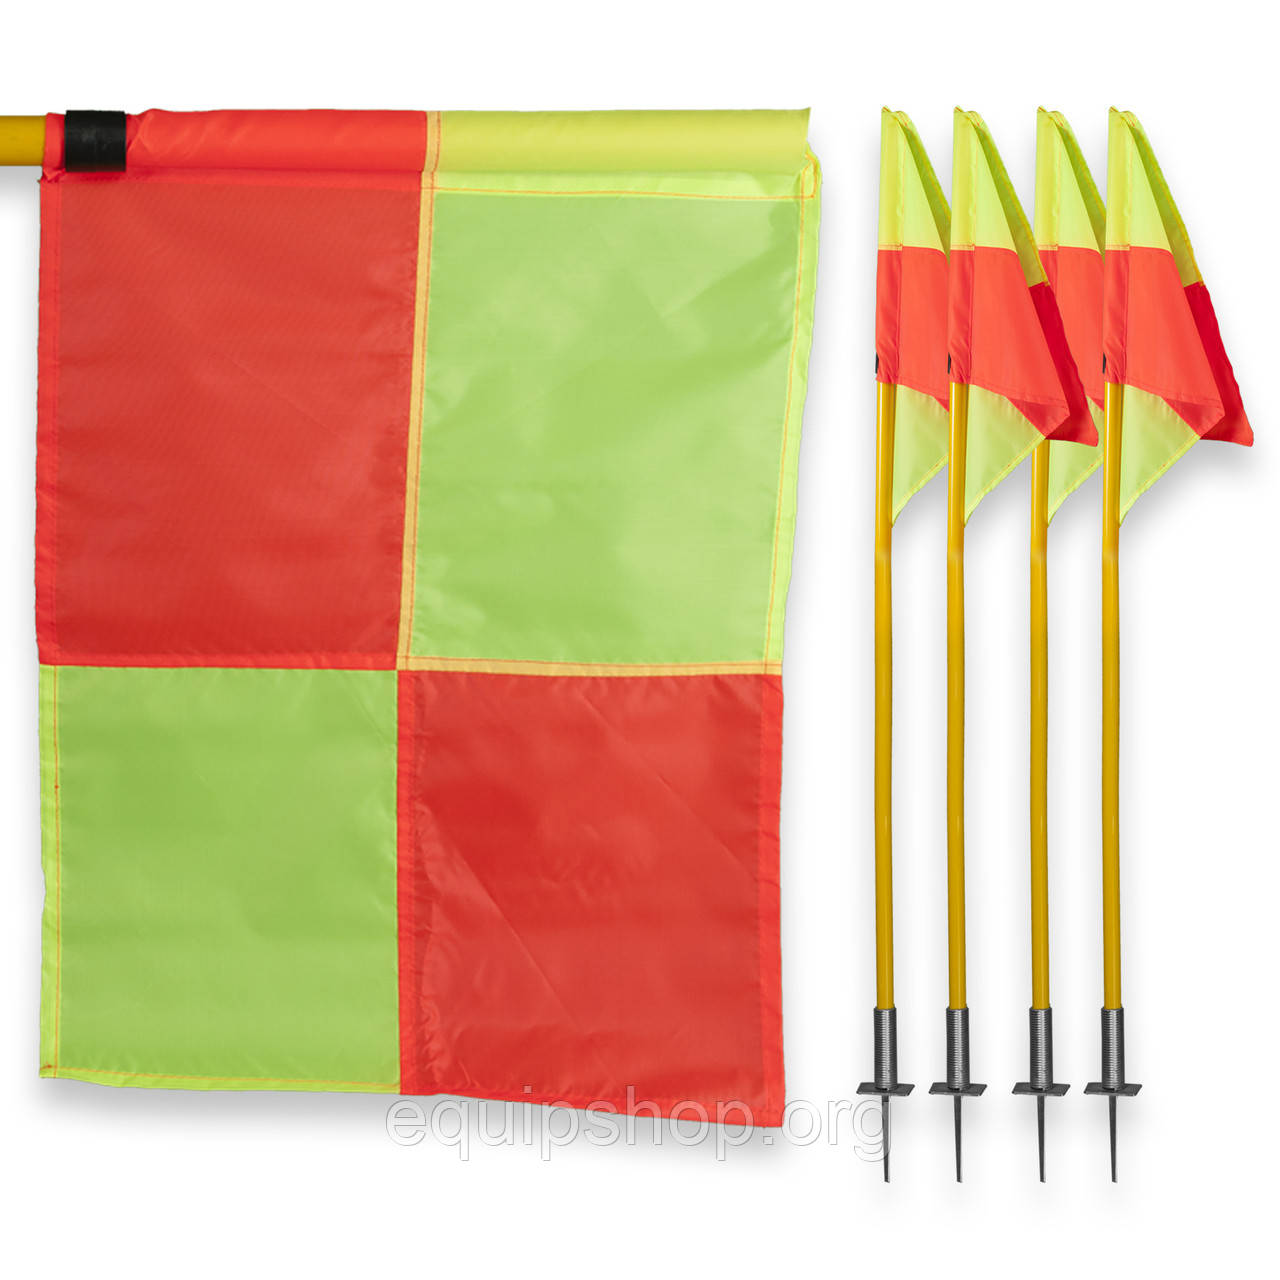 Флаги угловые для футбольного поля (комплект 4 шт)